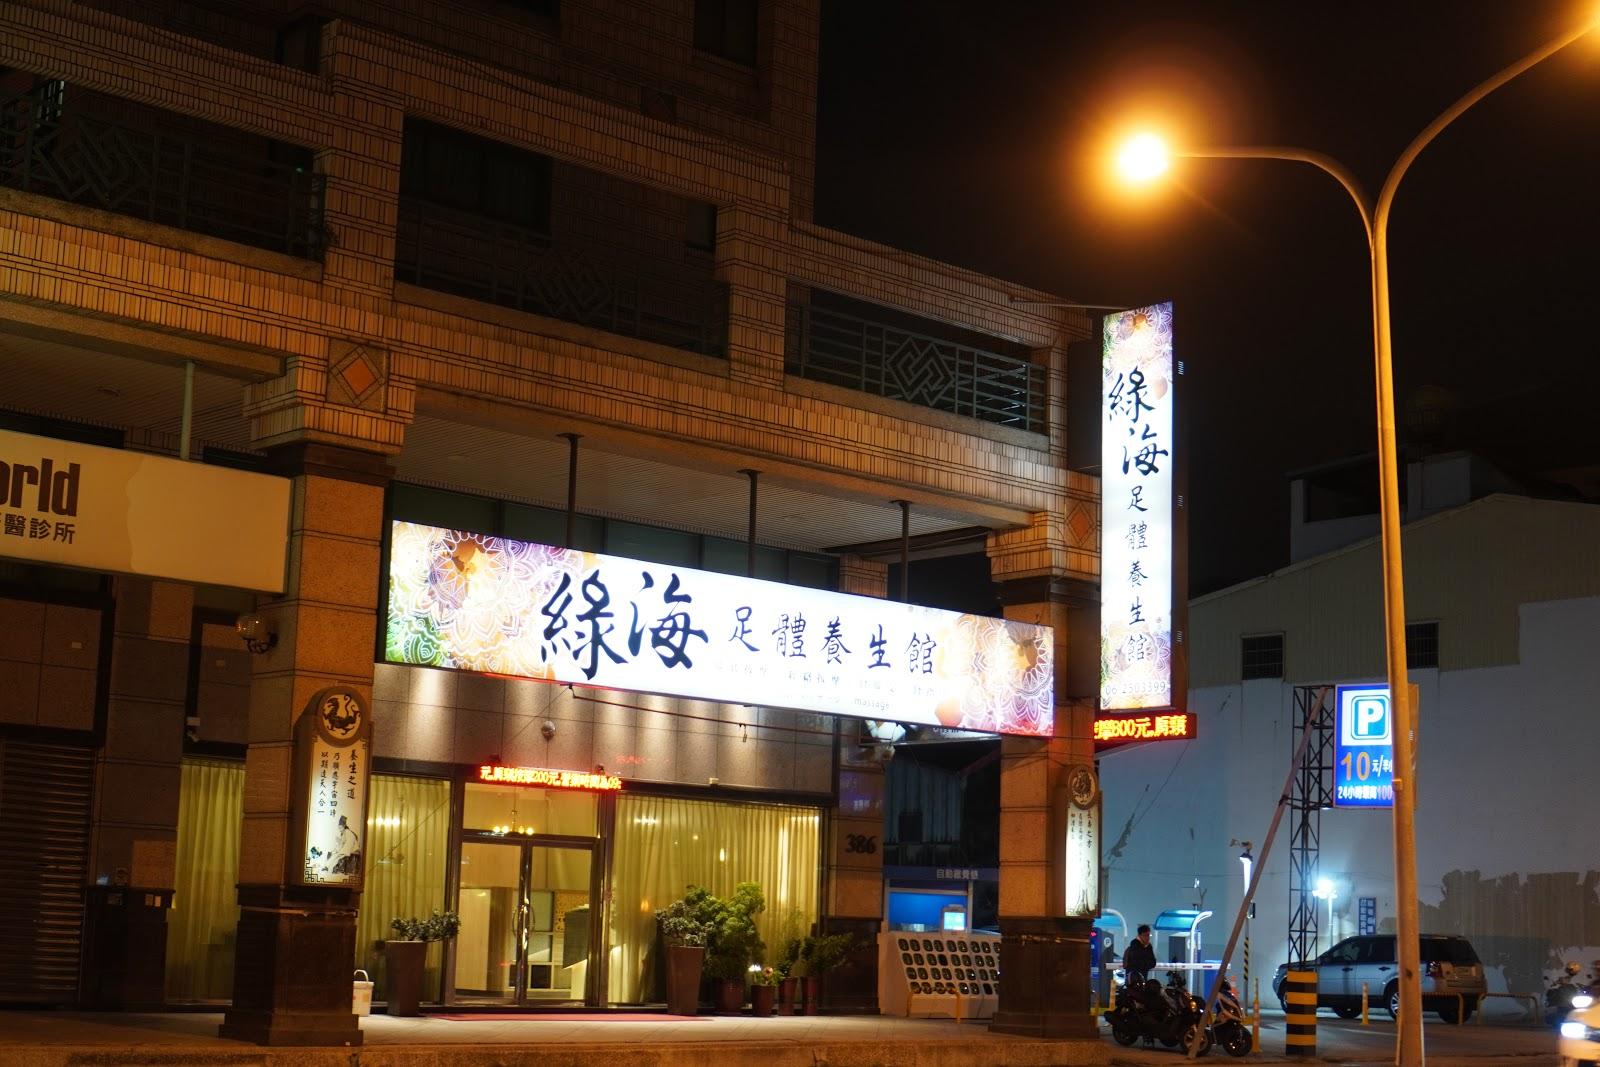 台南中西區按摩【綠海足體養生館】店家外觀